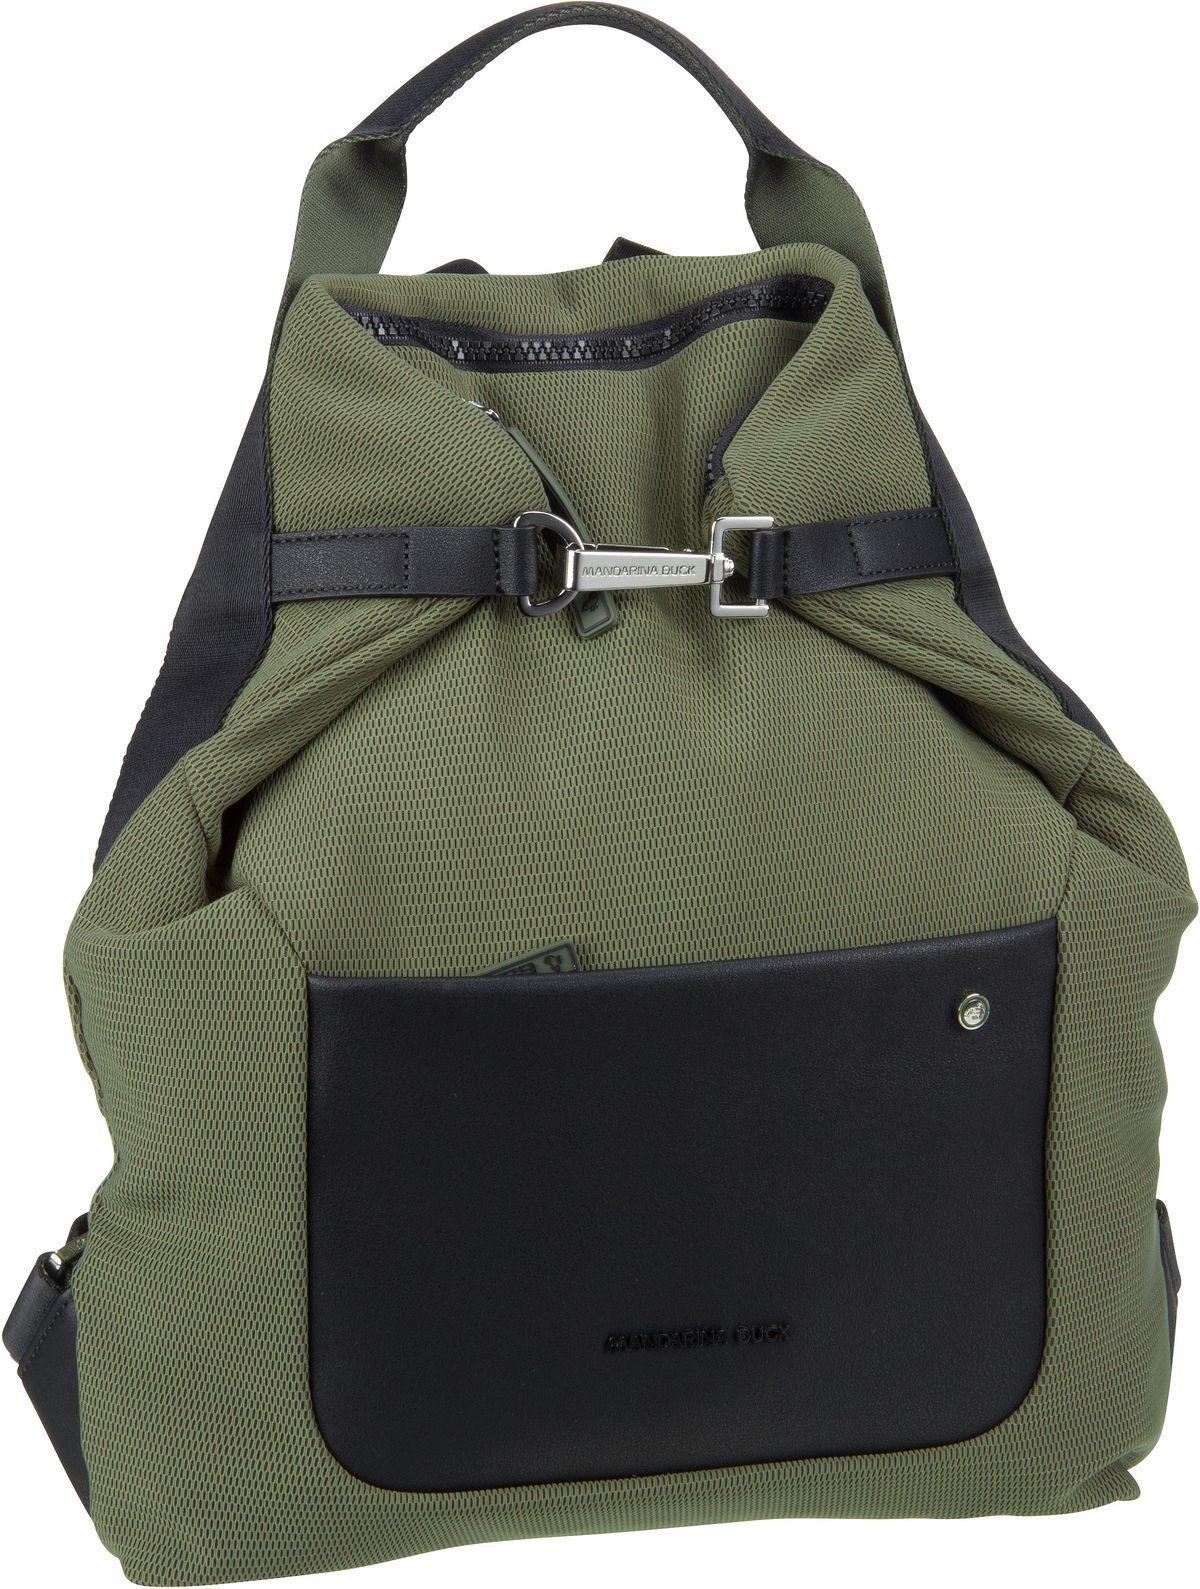 Rucksack / Daypack Camden Backpack VBT05 Soldier